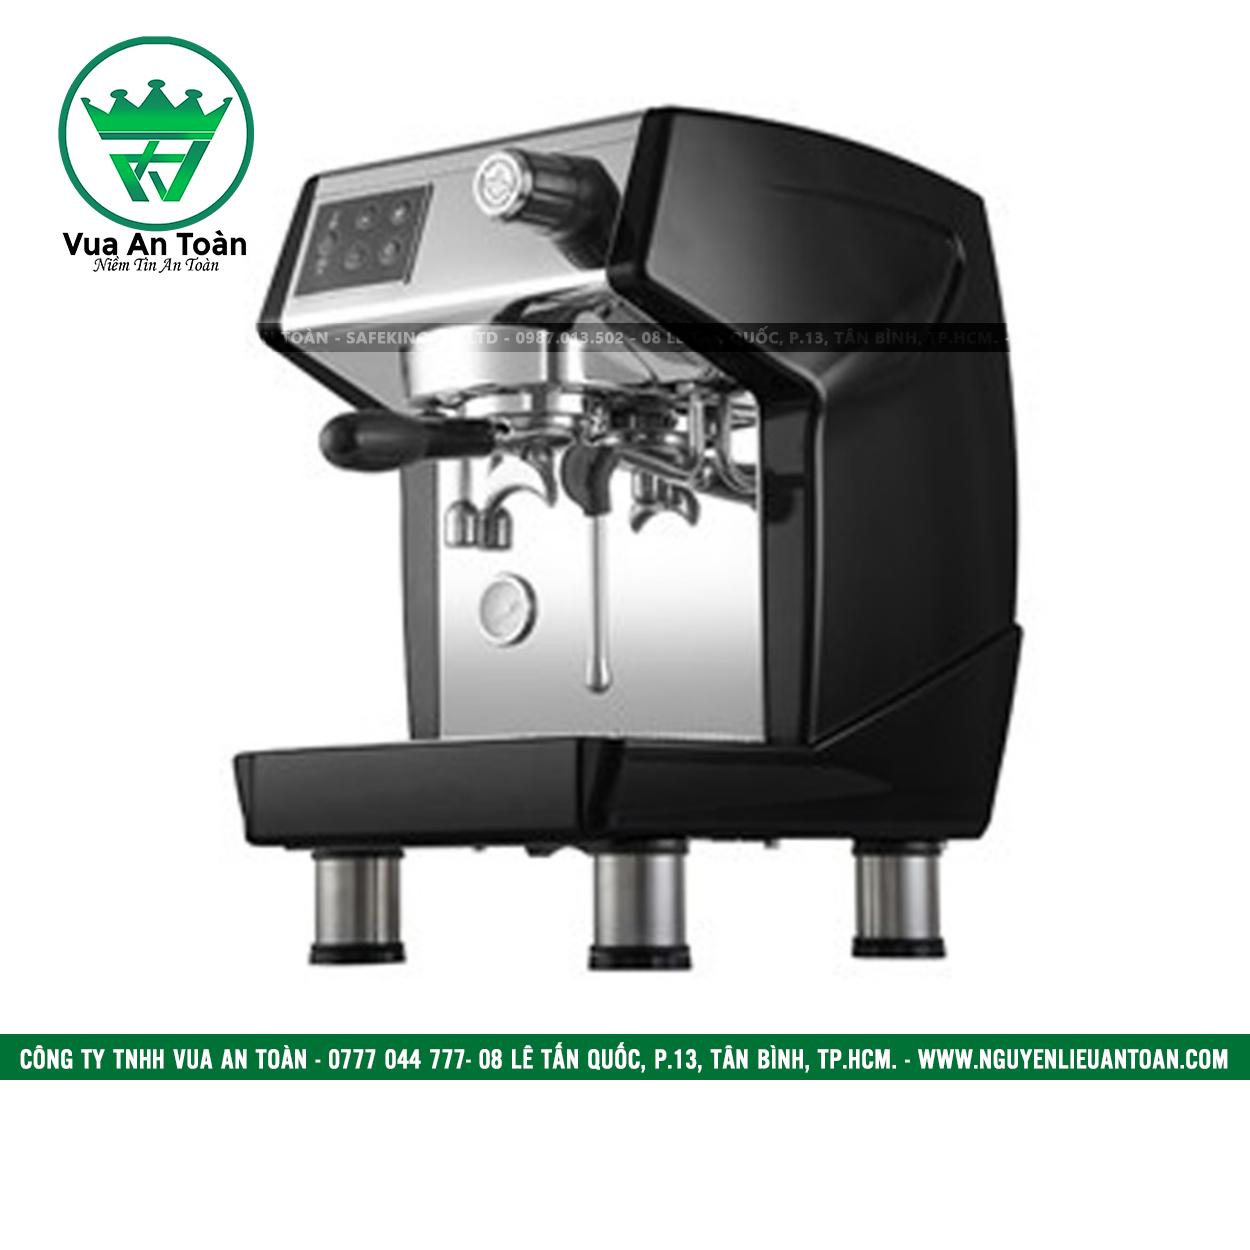 Máy Pha cà phê CRM 3200D